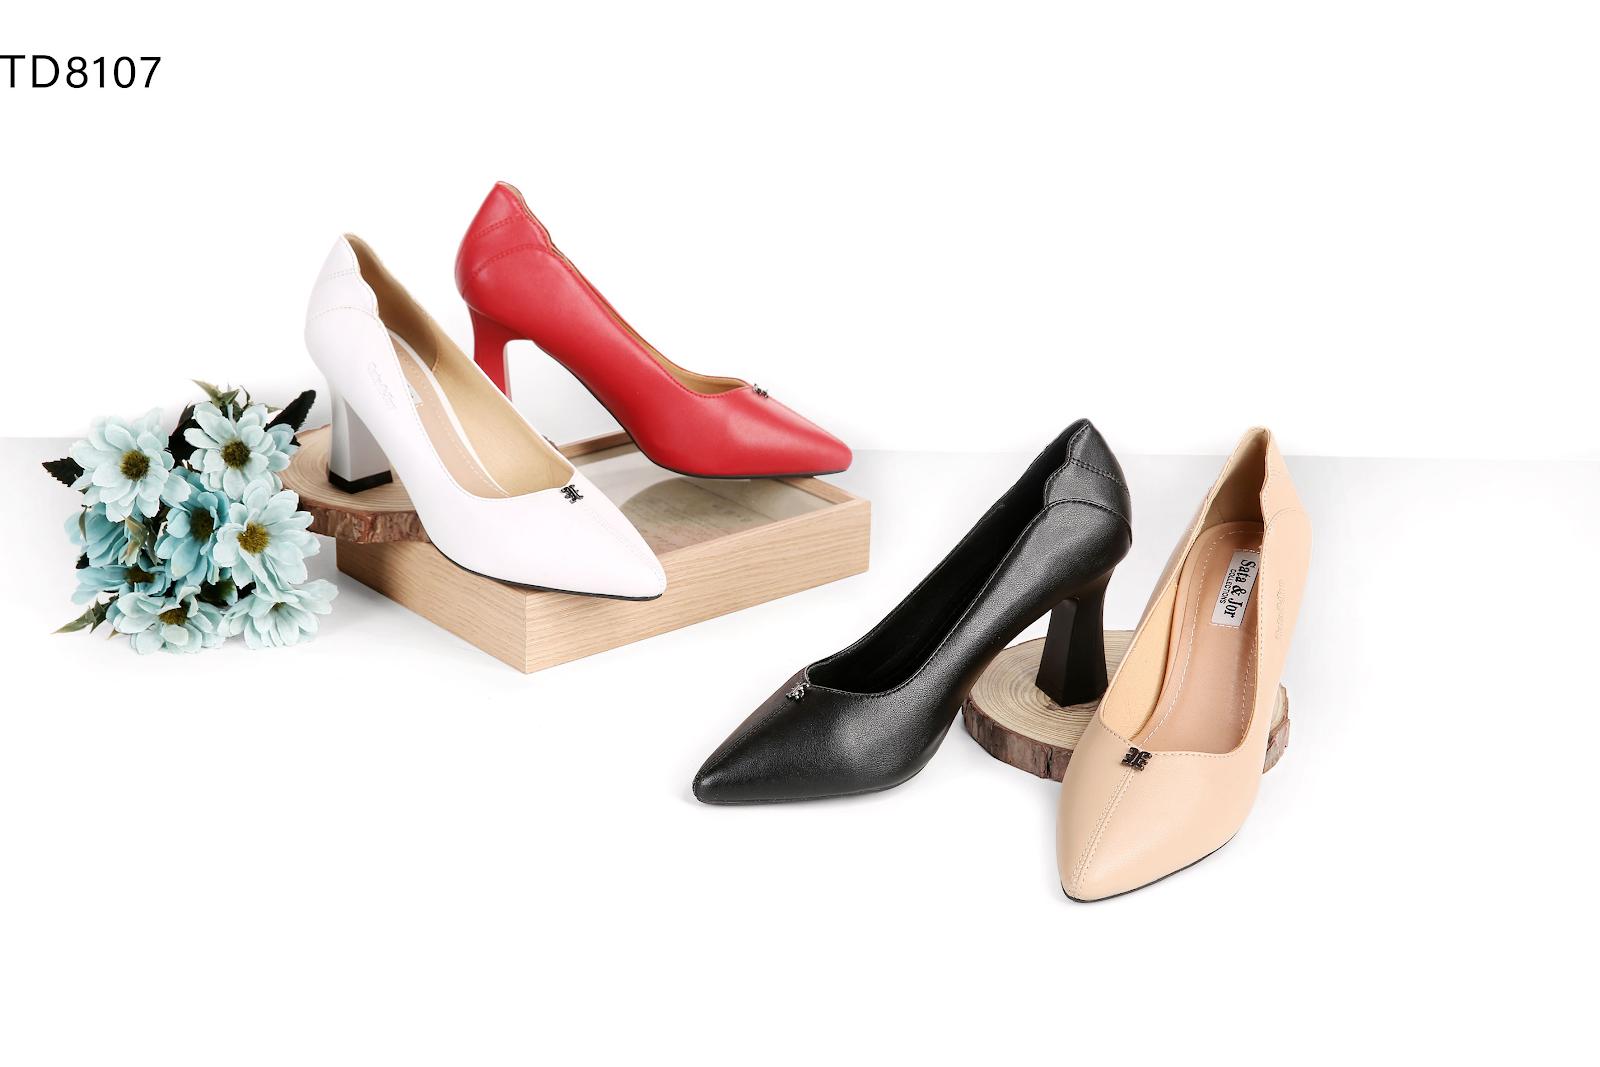 Sỉ giày dép tại Thiên Hương giá rẻ